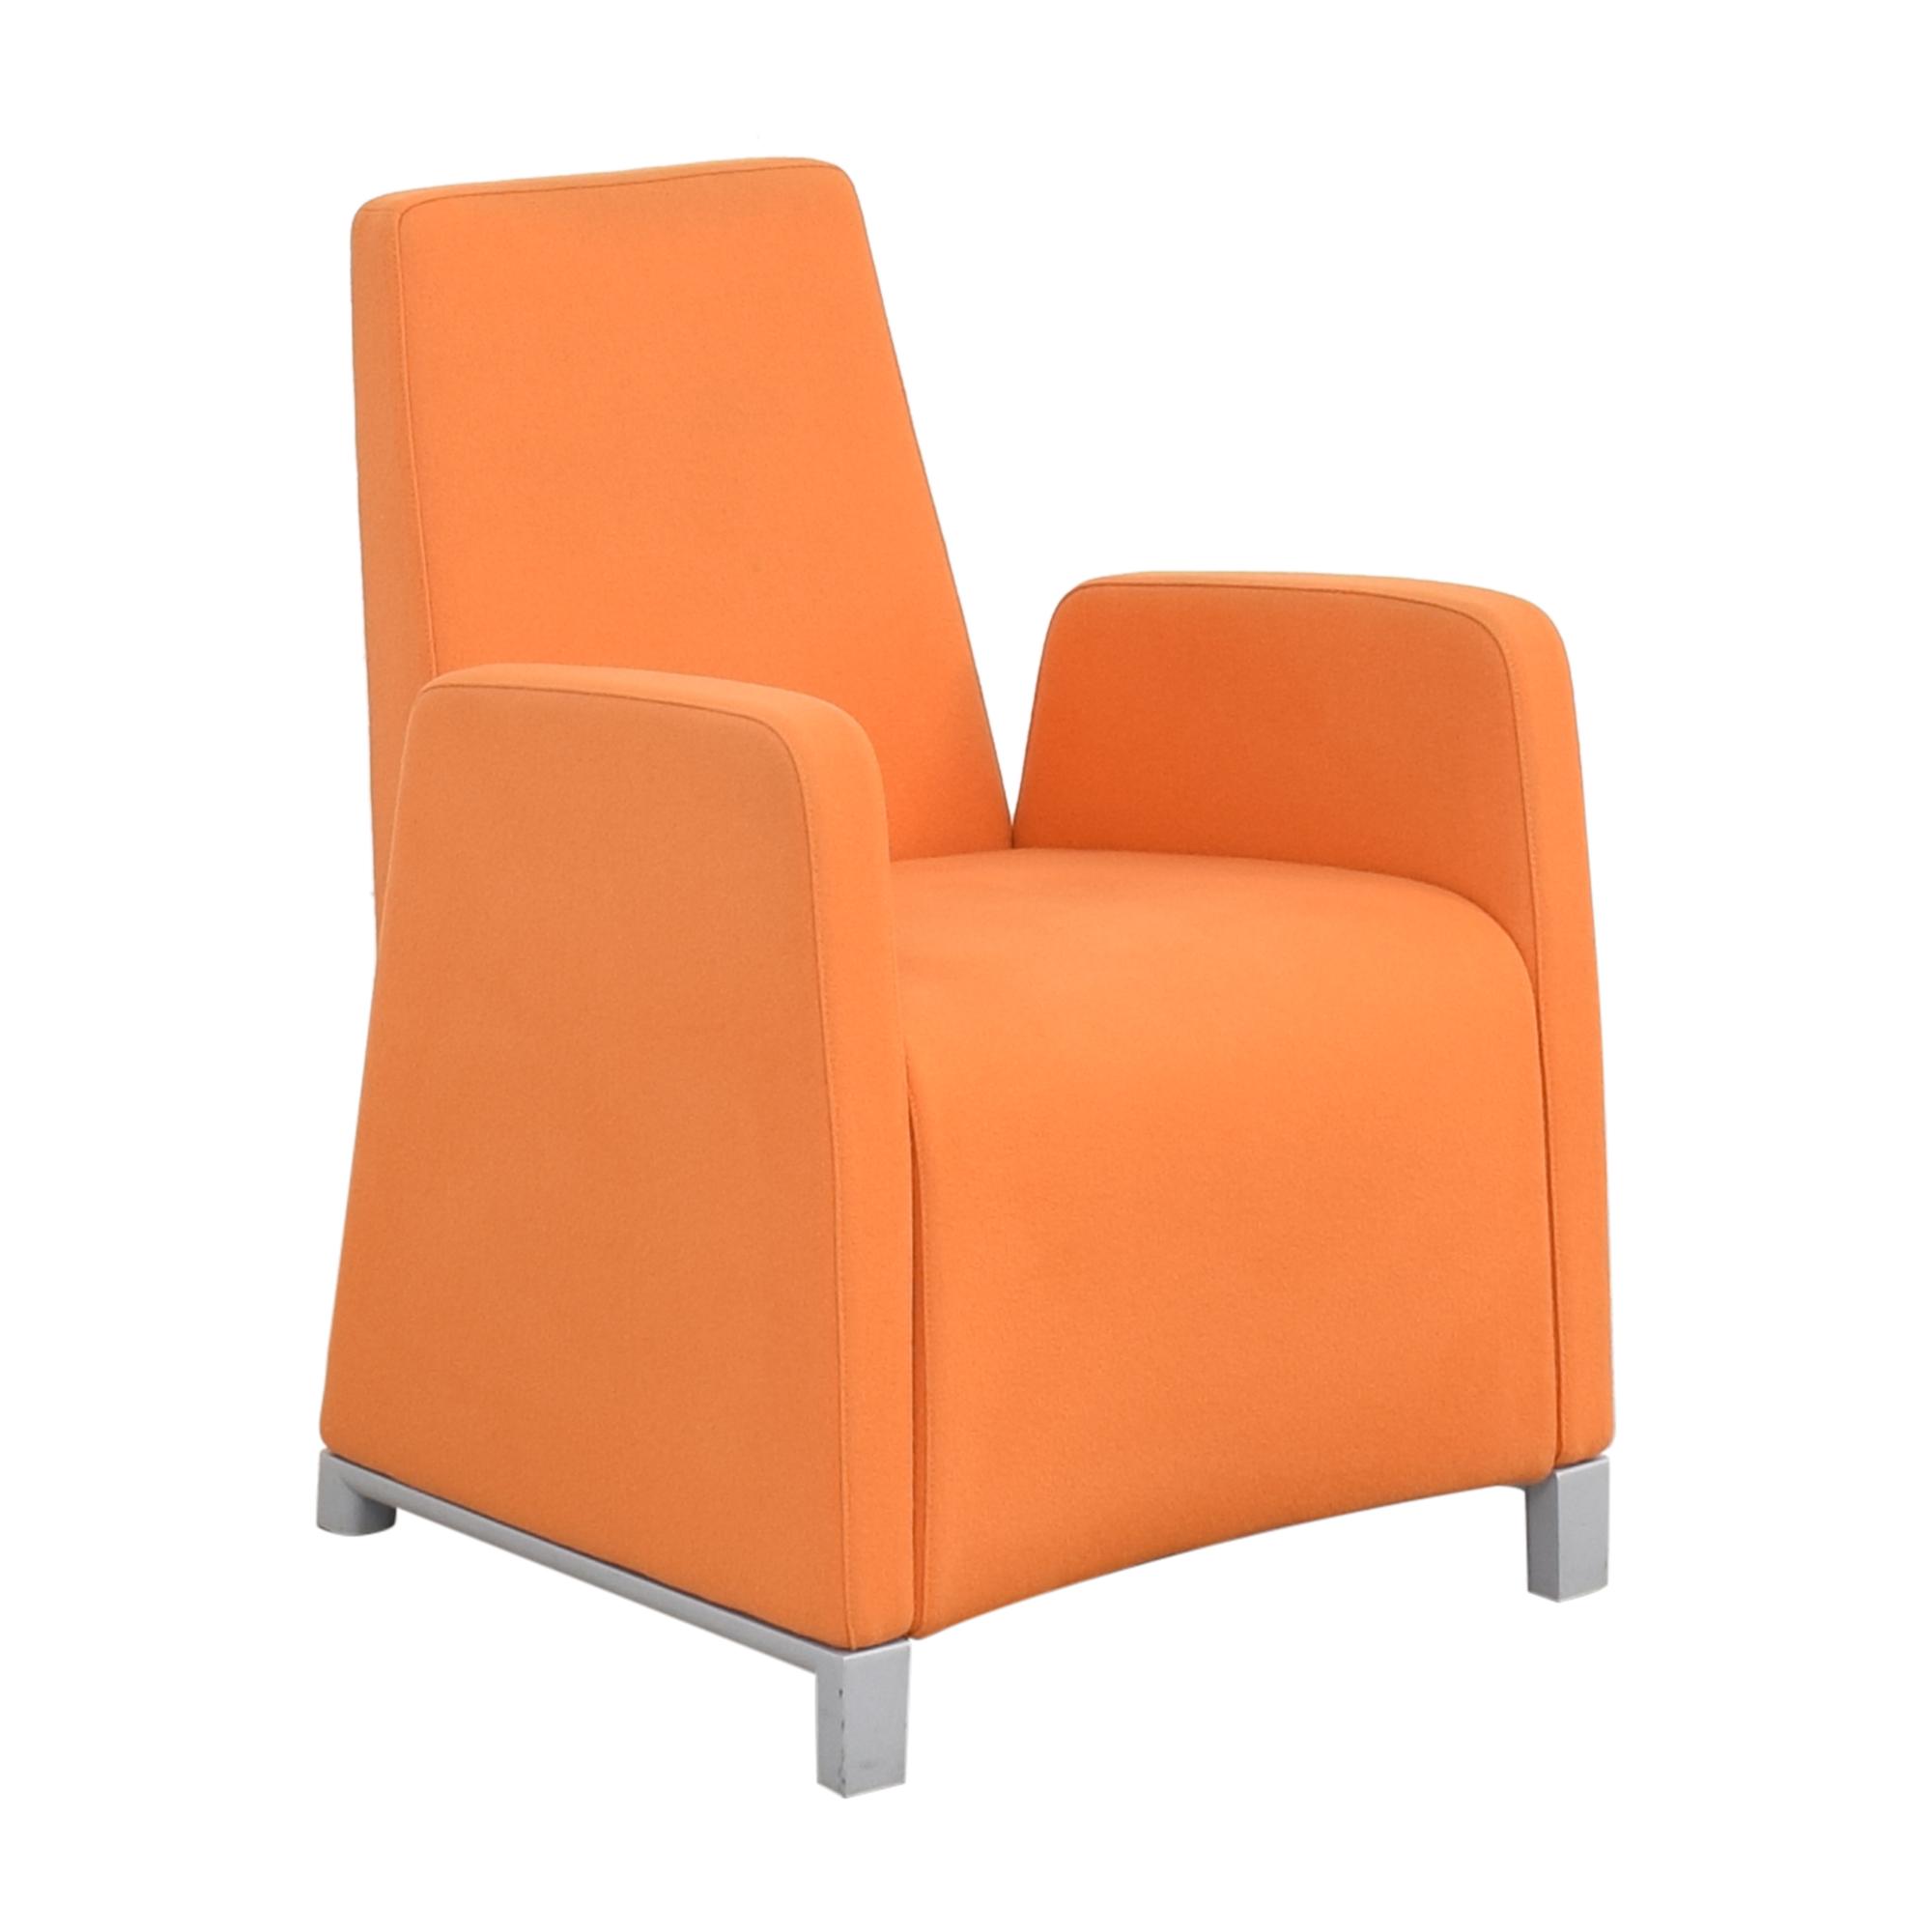 Baleri Italia Baleri Italia Tato Orange Chair price